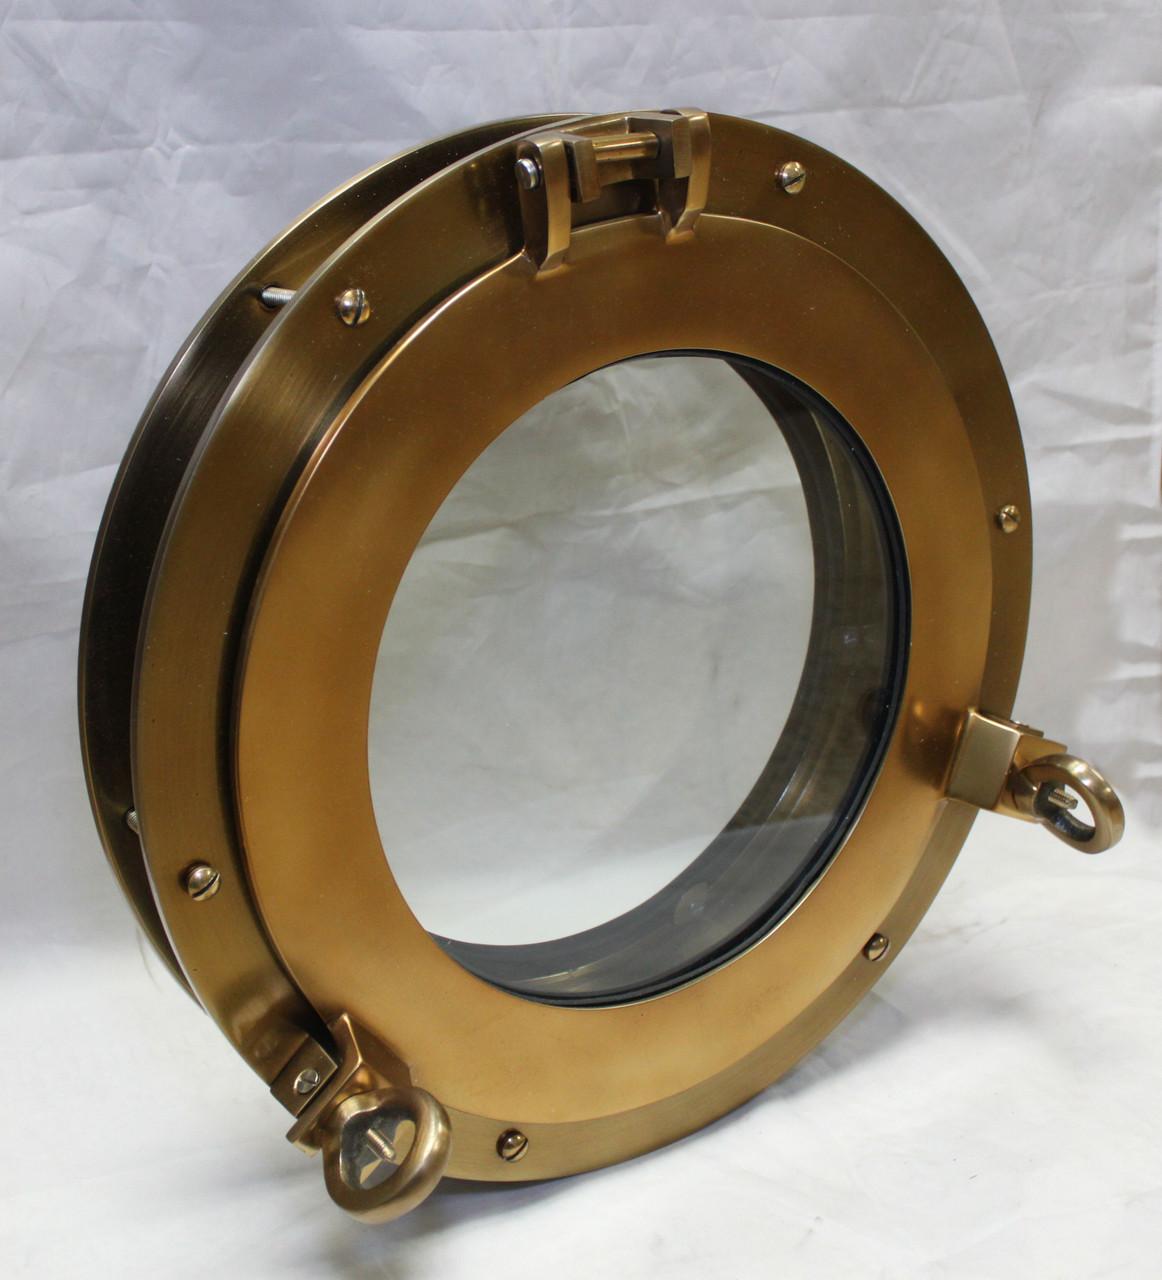 """Aluminum Antique Brass Porthole Window w/Adjustable Flange - 15 3/8"""""""